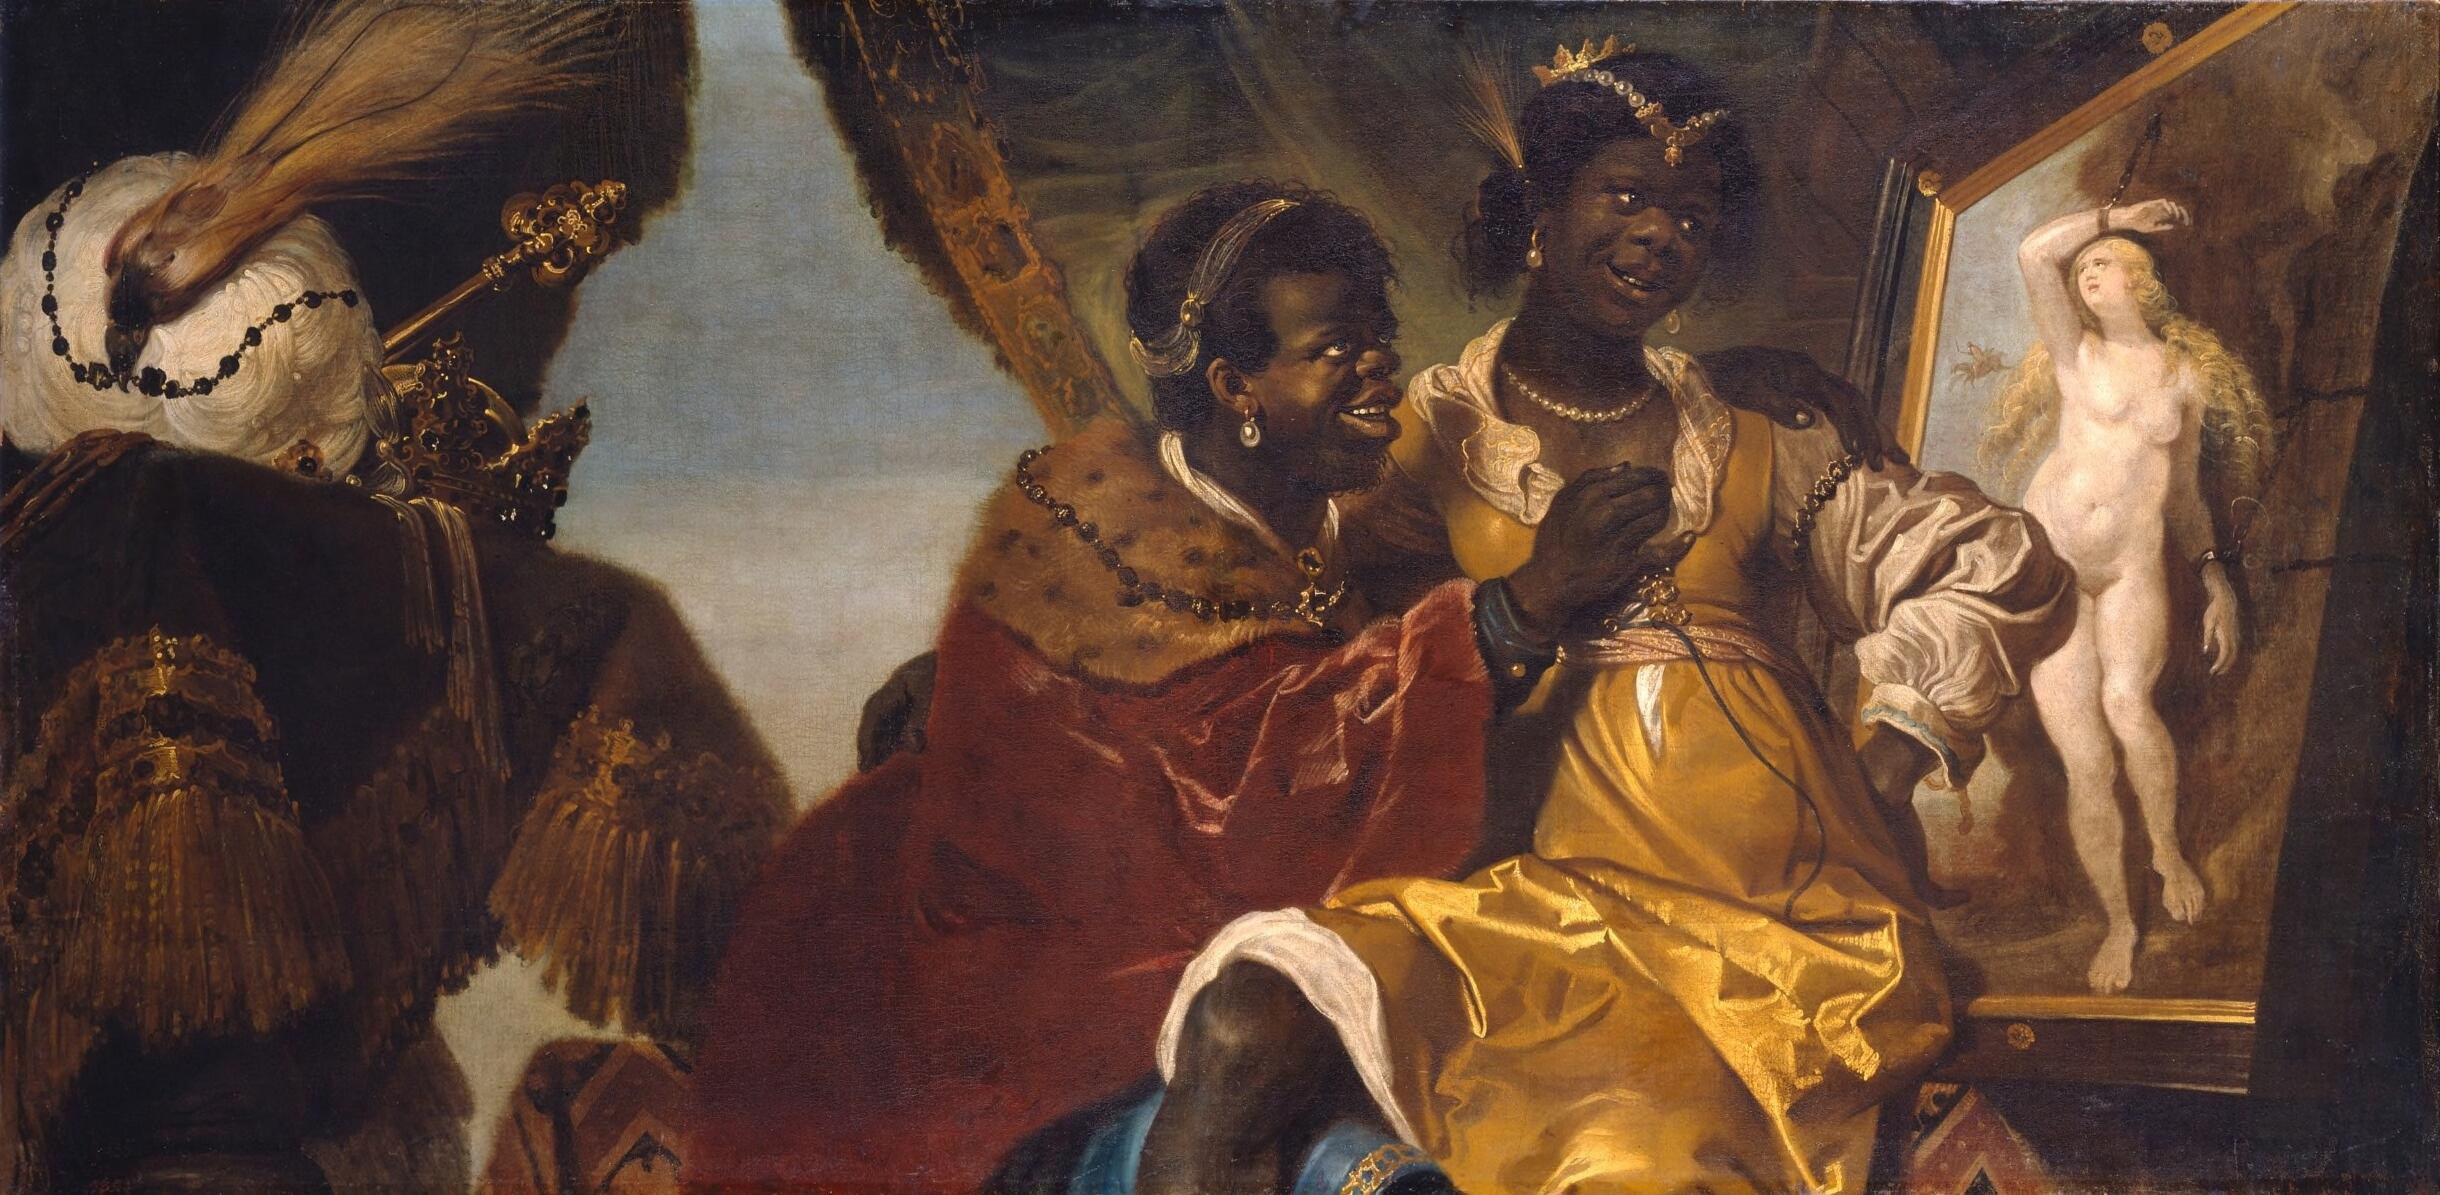 Persina zittend op Hydaspes schoot kijkend naar een schilderij van Andromeda geketend aan een rots - Karel van Mander III